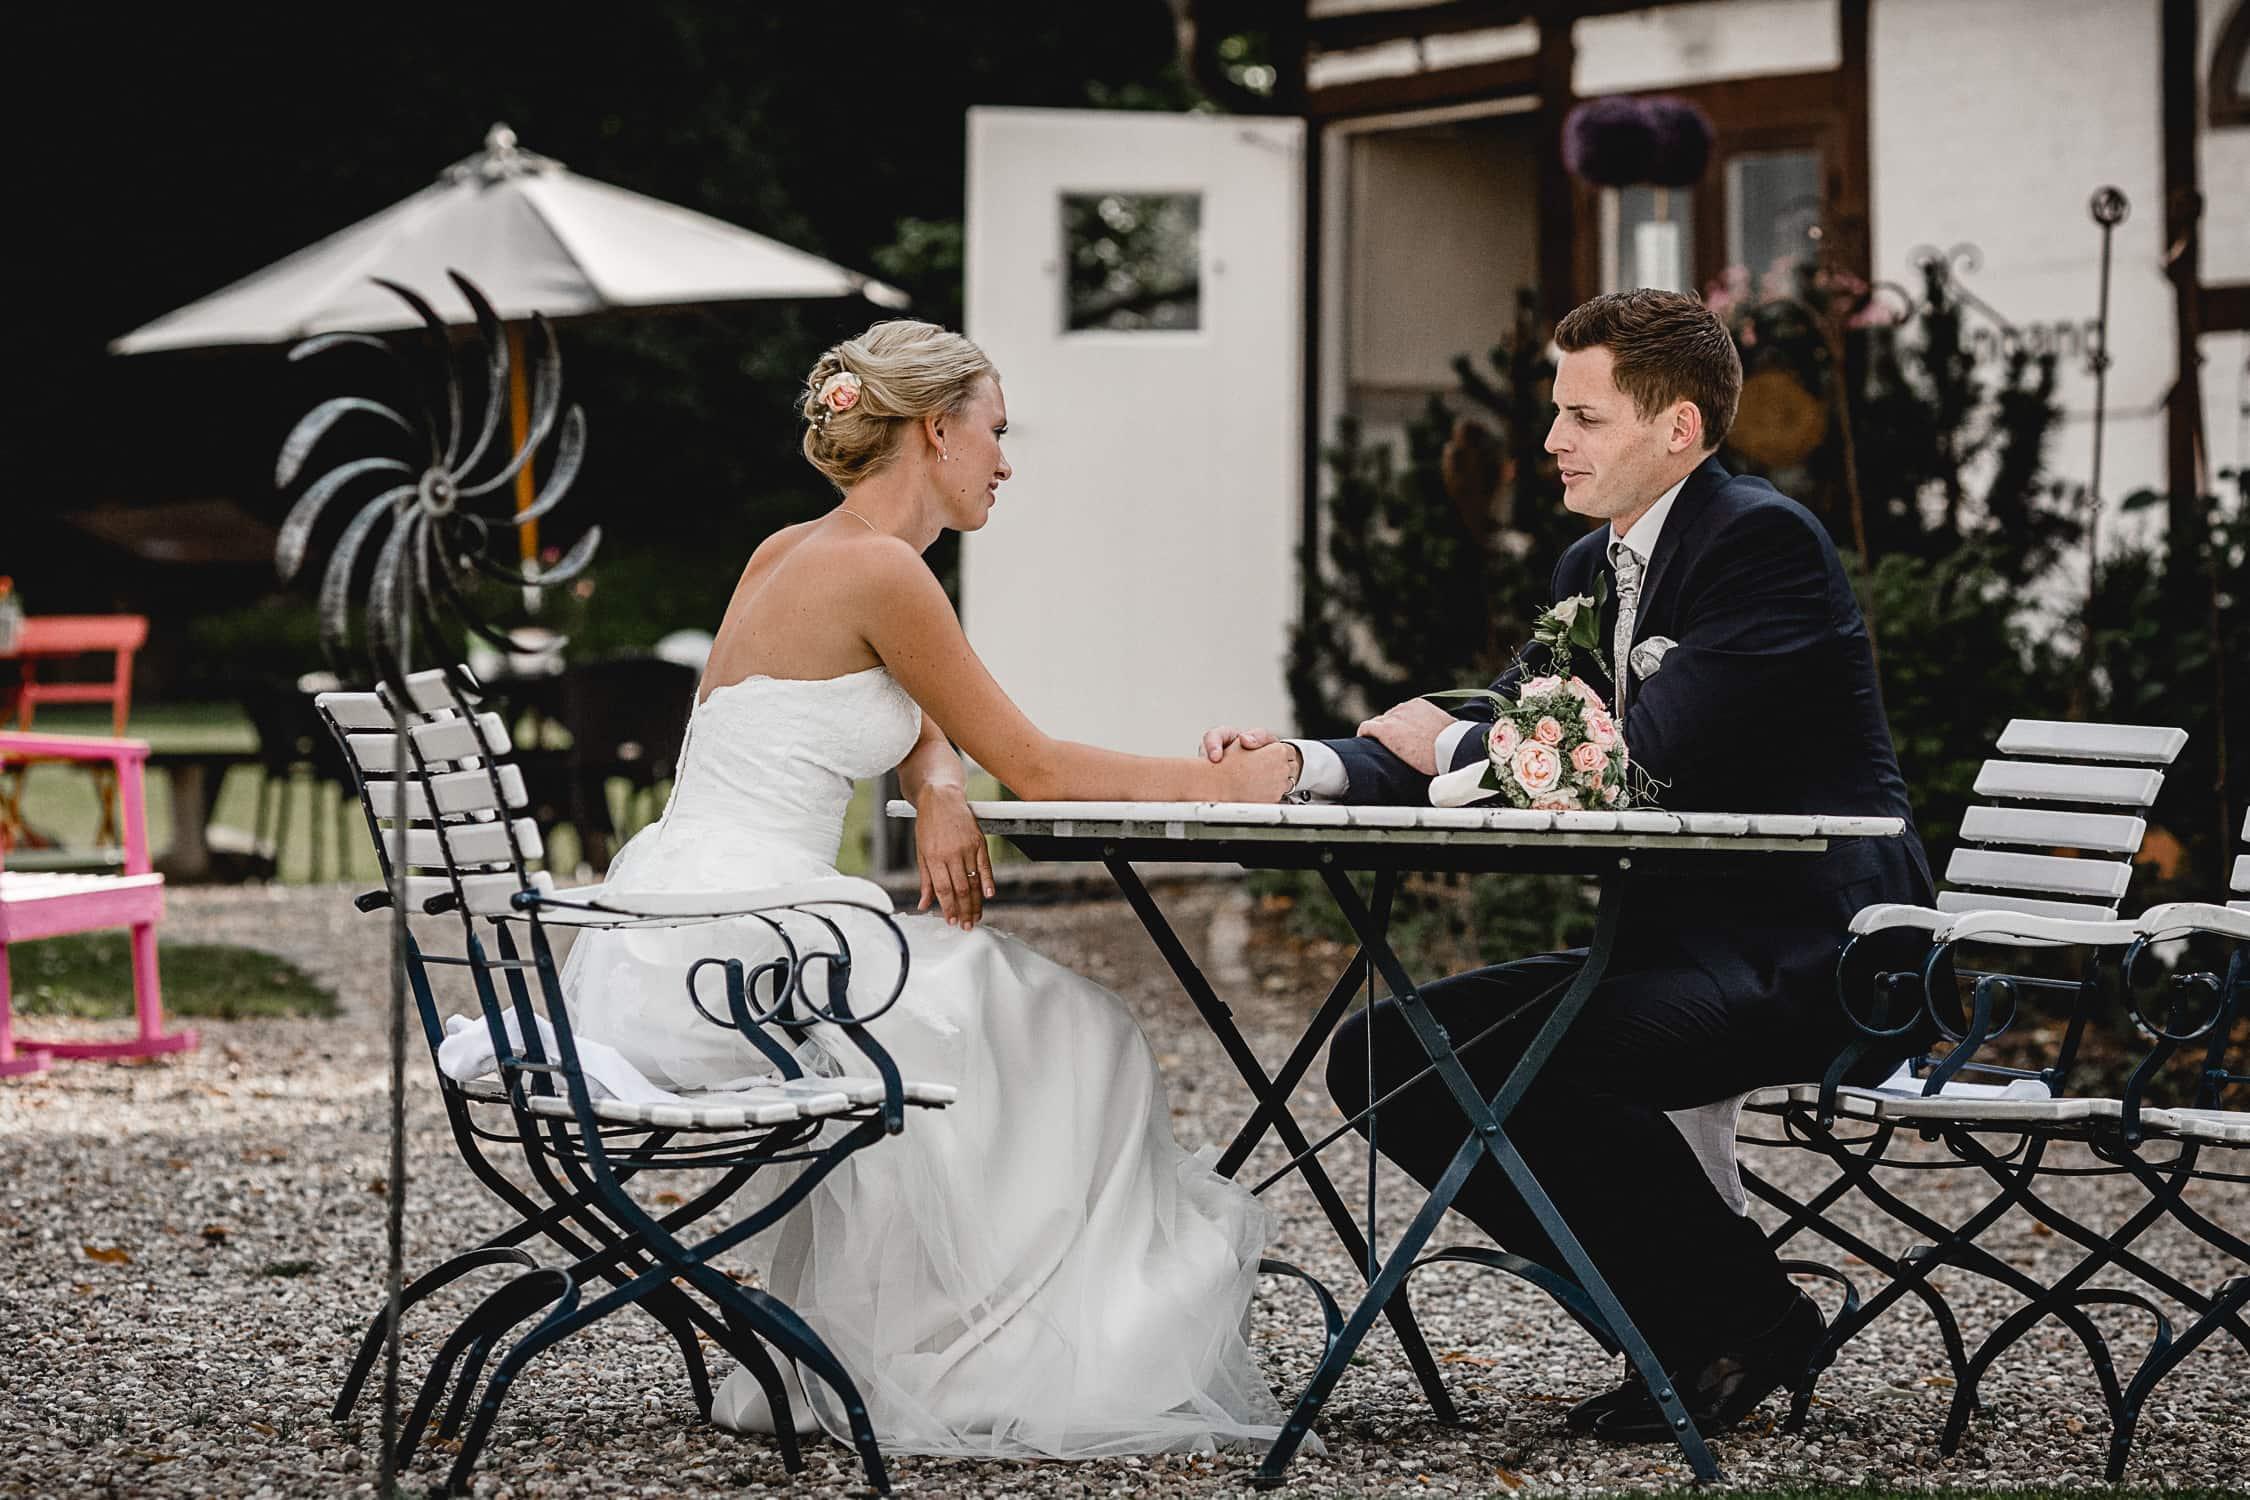 Karoline und Thomas, Hochzeitsfotograf, www.studioamkanal.de, Hochzeitsreportage Lübeck, Bad Schwartau, Mölln, Travemünde, Neustadt, Neustadt, Schleswig-Holstein,